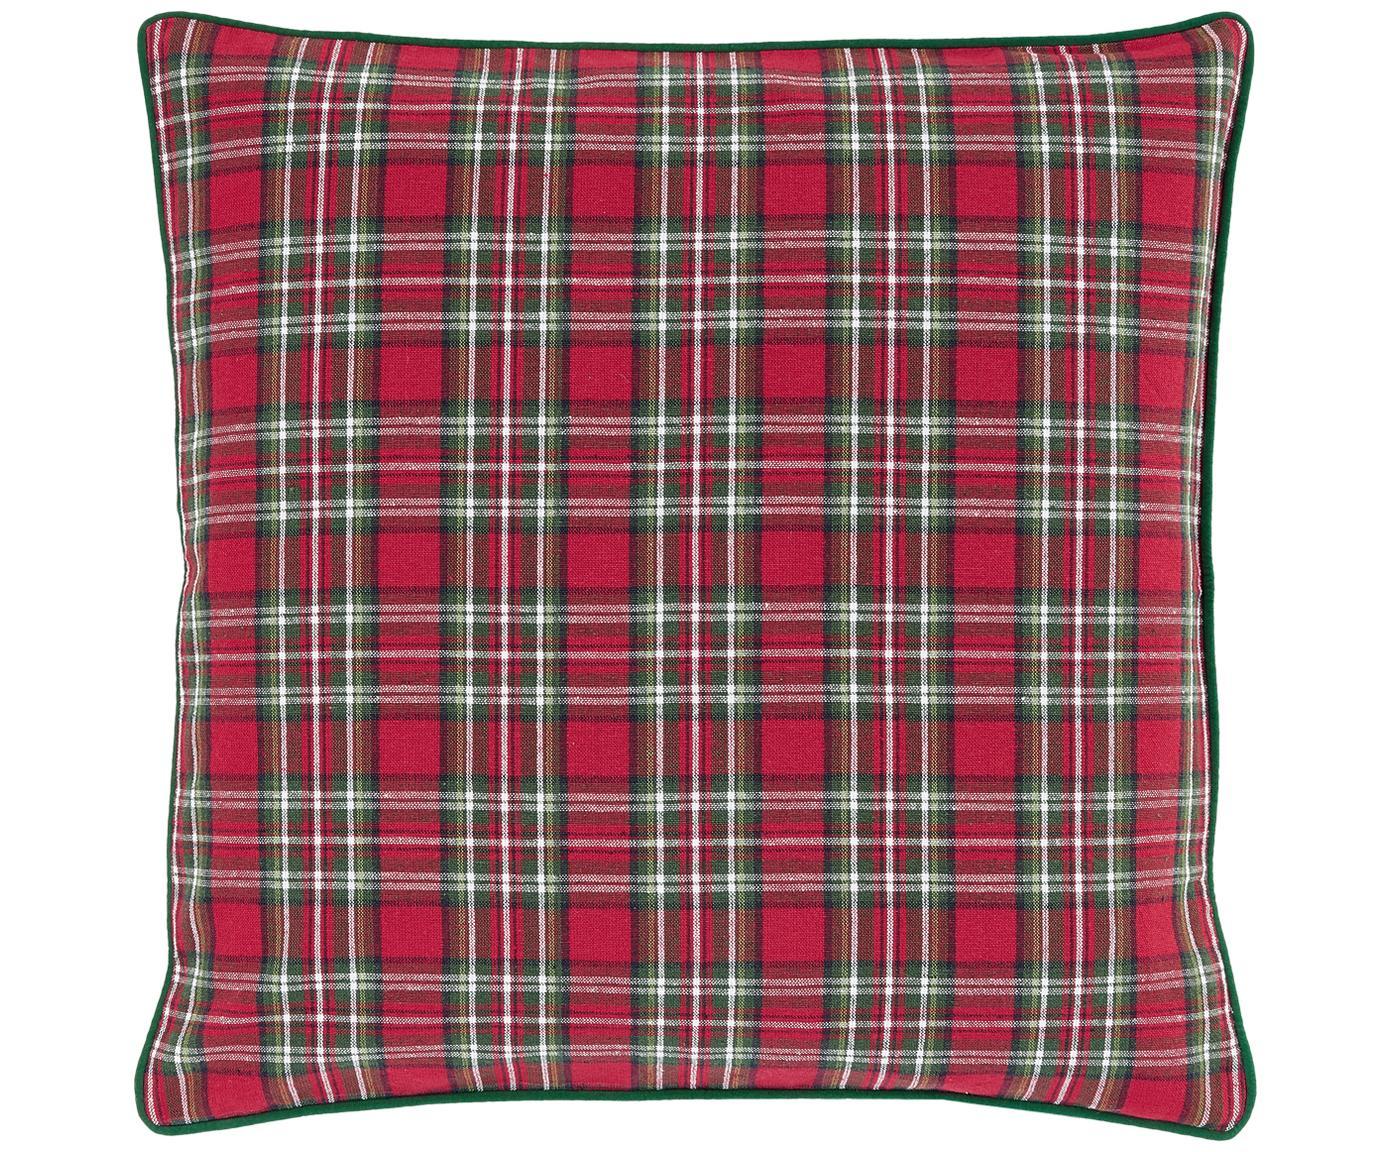 Karierte Kissenhülle Tartan in Rot und Grün, Baumwolle, Rot, Dunkelgrün, 45 x 45 cm